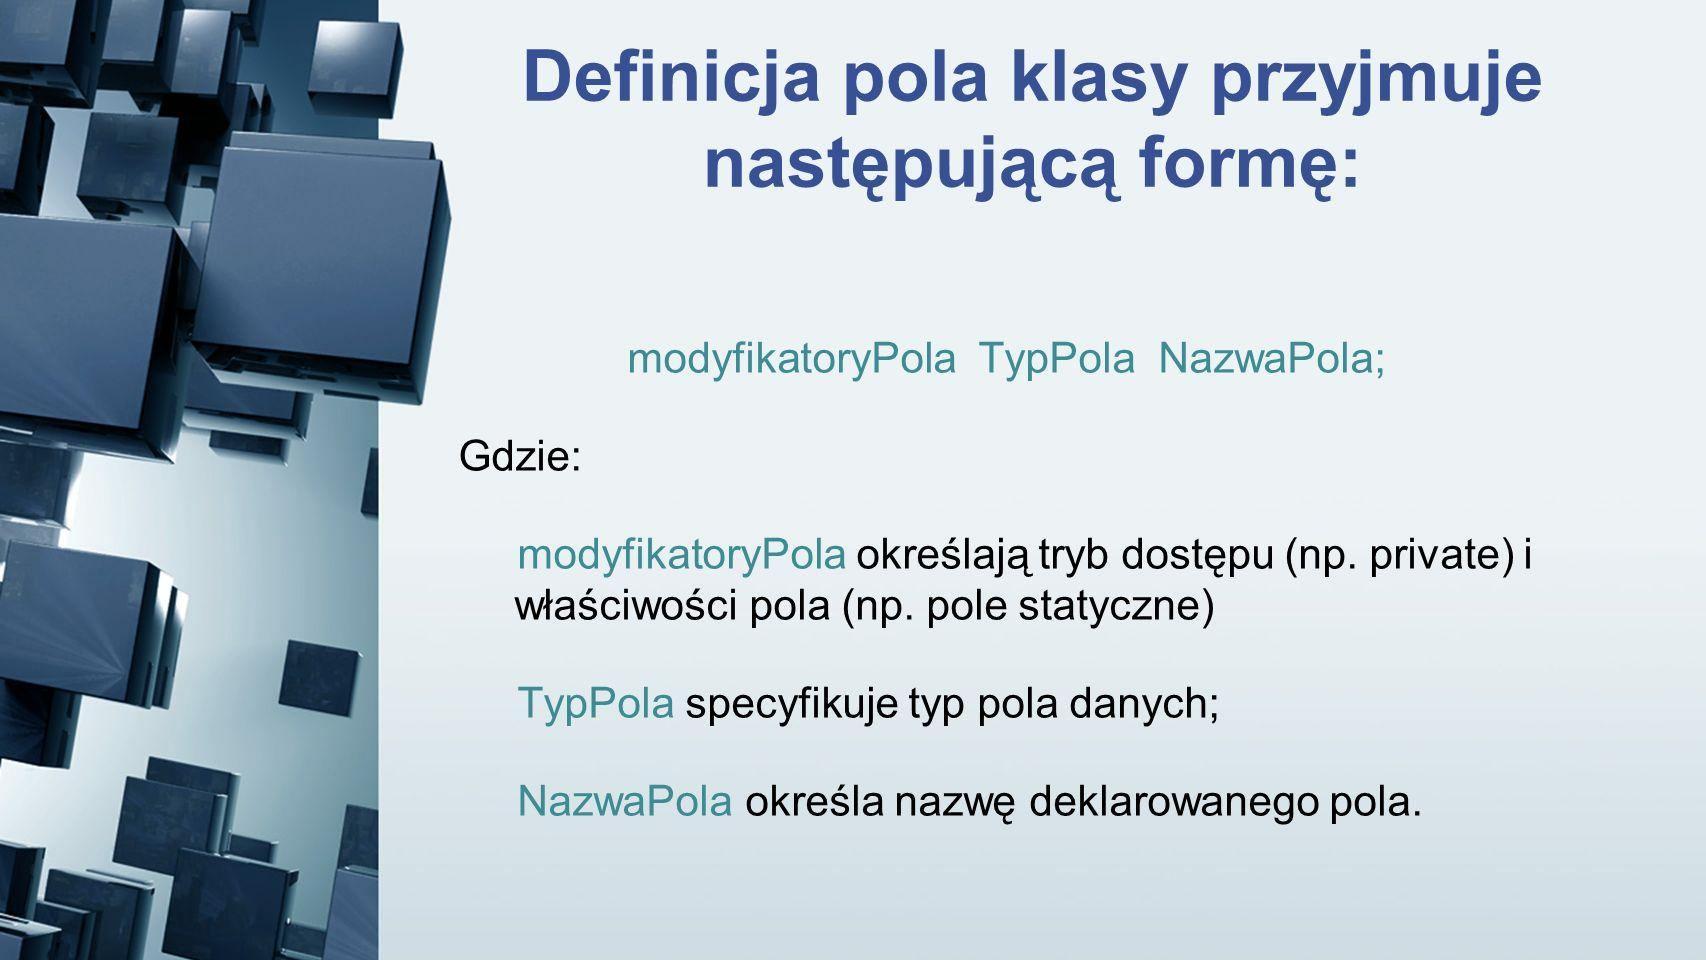 Definicja pola klasy przyjmuje następującą formę: modyfikatoryPola TypPola NazwaPola; Gdzie: modyfikatoryPola określają tryb dostępu (np. private) i w